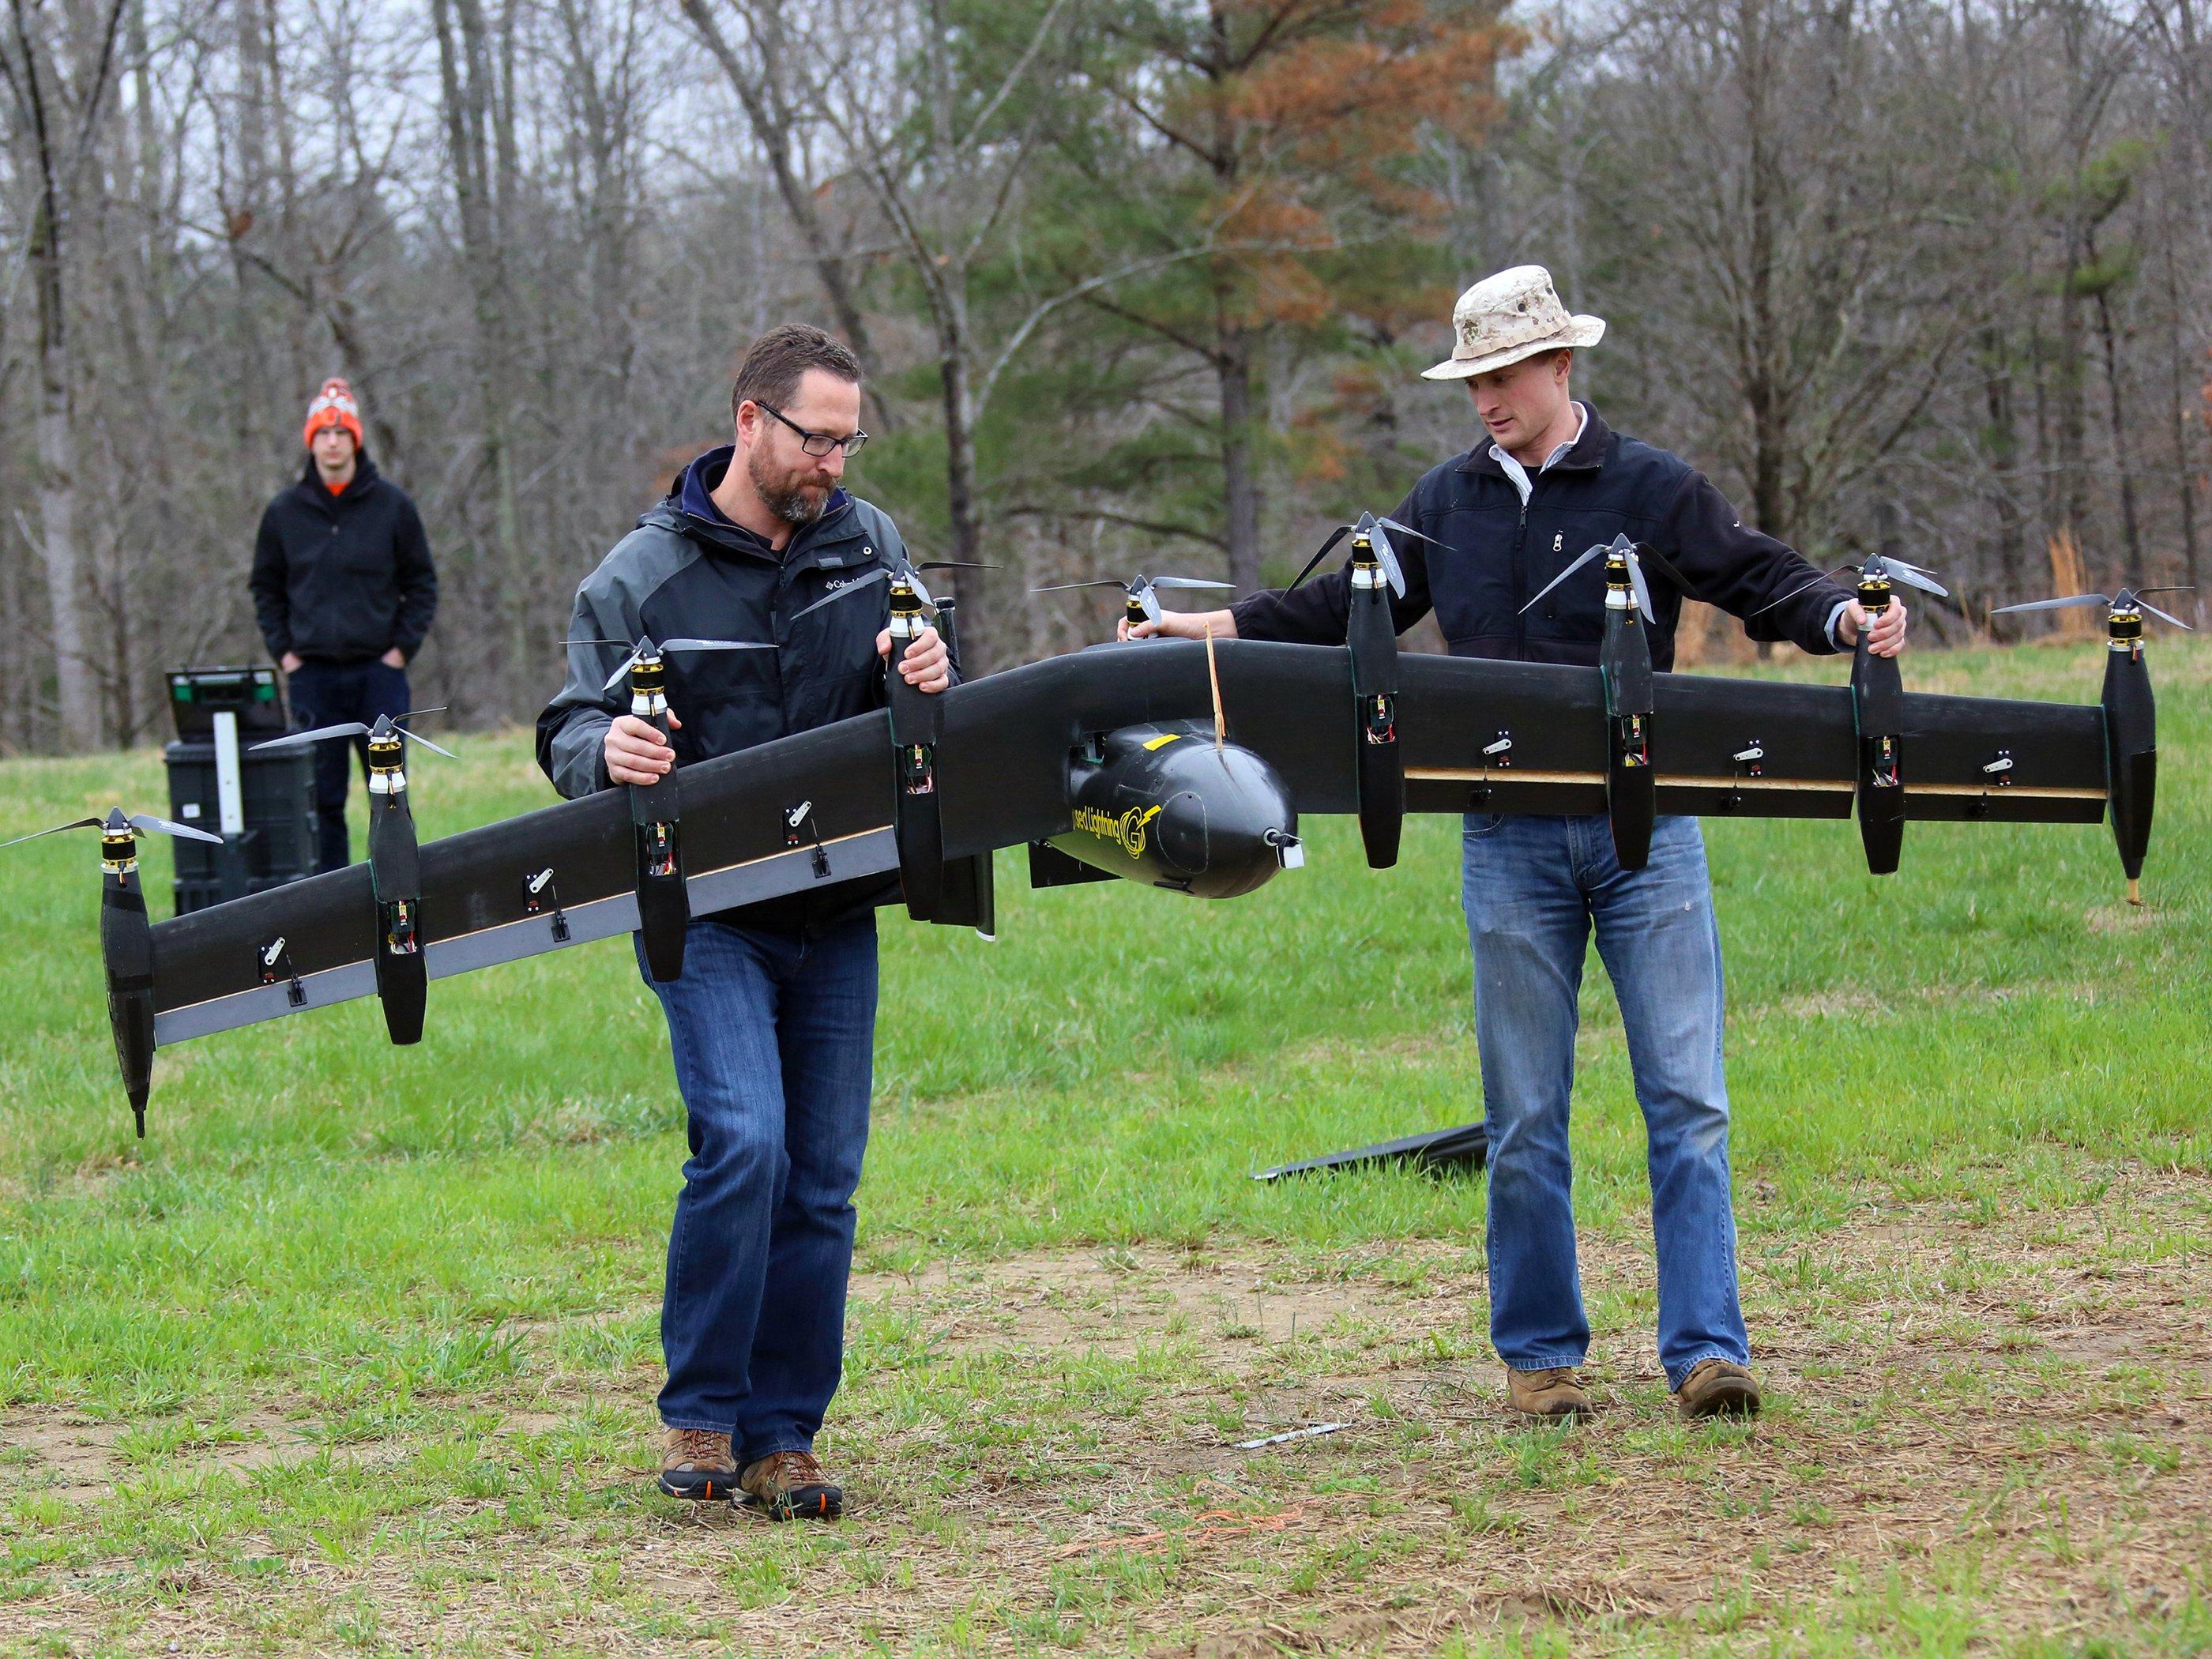 Die NASA-Ingenieure David North (l.) and Bill Fredericks (r) bereiten die Drohne GL-10 für einen Testflug vor. Ziel ist es, dass das Fluggerät künftig auch Personen transportieren kann.